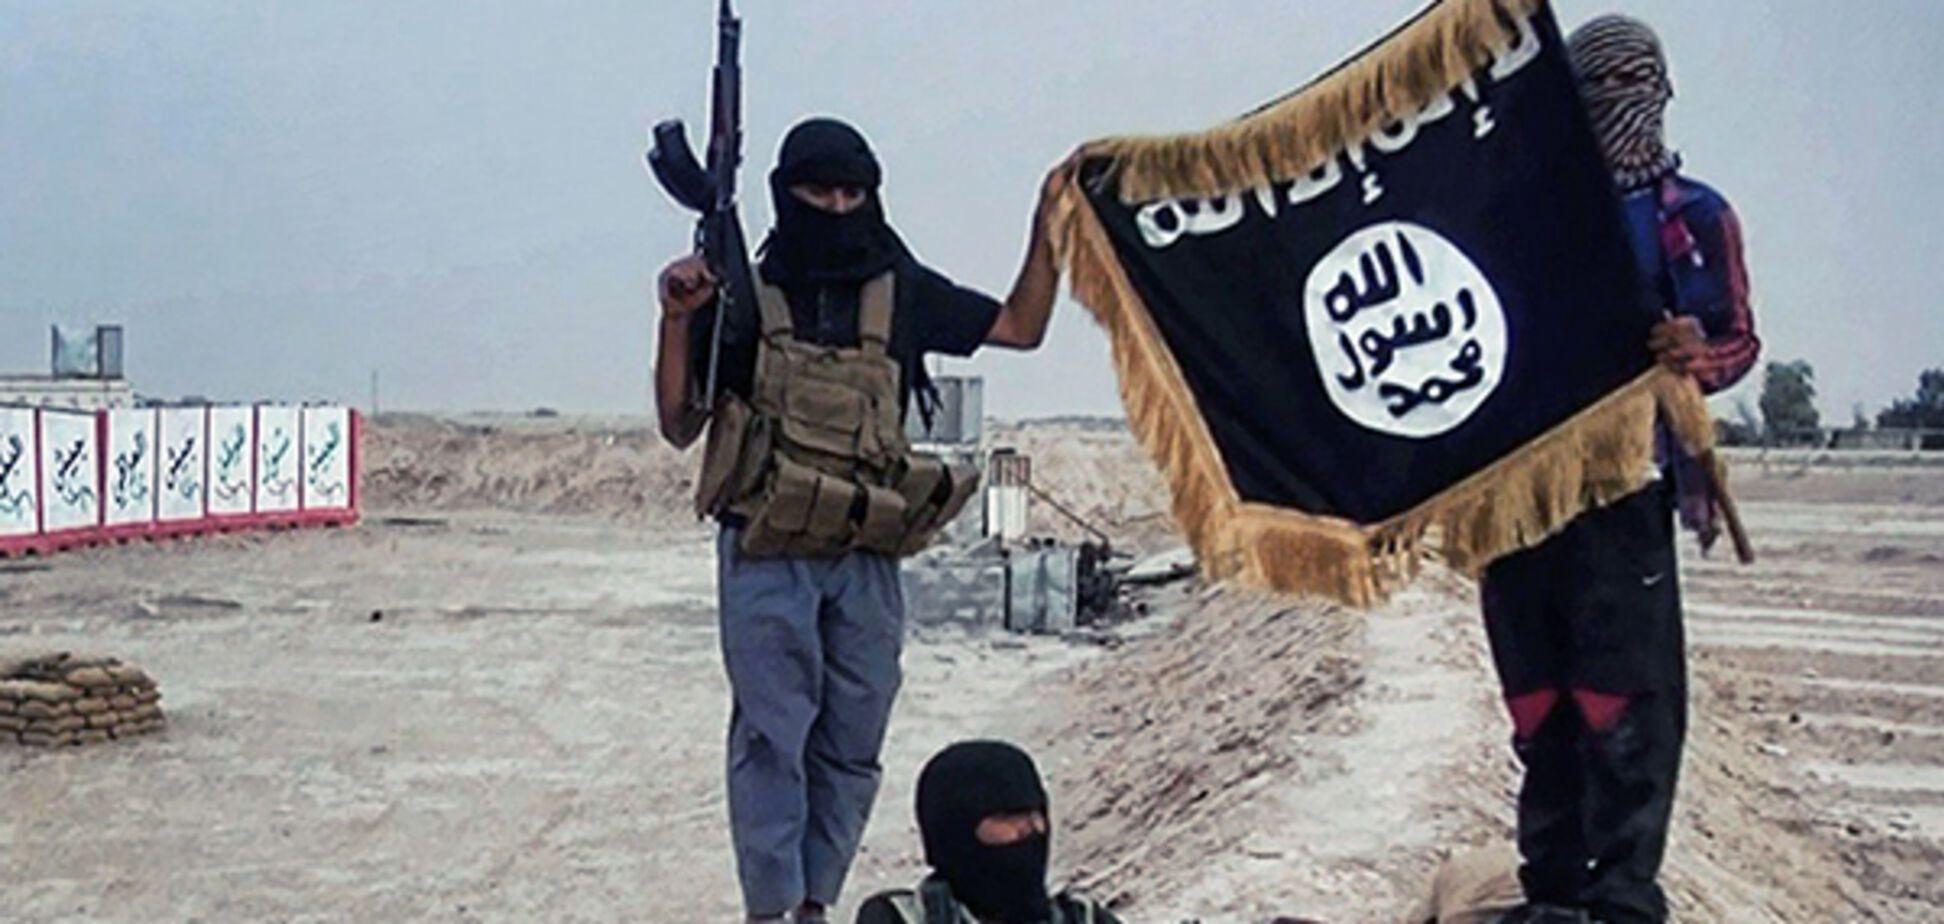 Взрыв в Петербурге: террористы ИГИЛ взяли ответственность